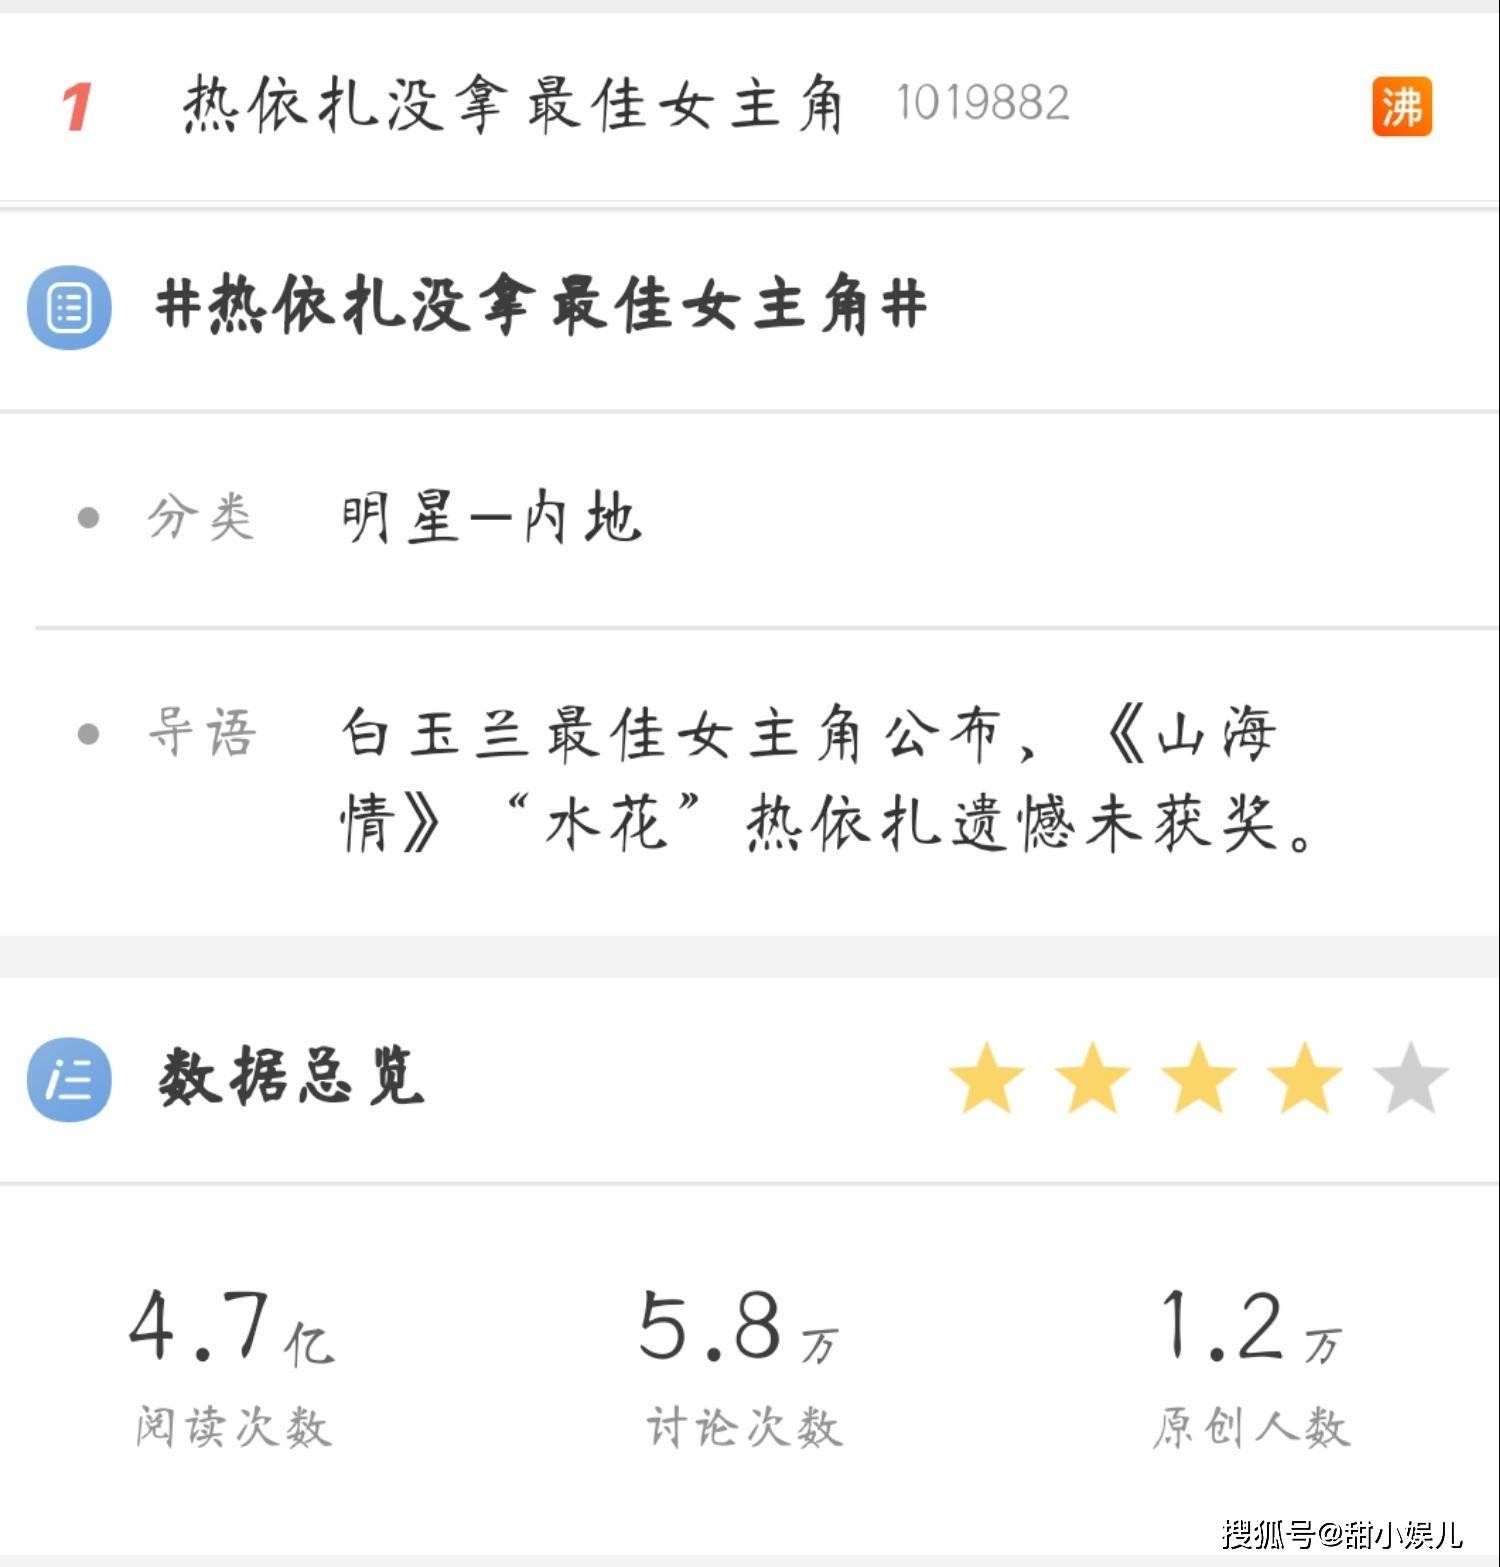 热依扎错失白玉兰奖,童瑶老公背景曝光:演技好不如嫁得好?